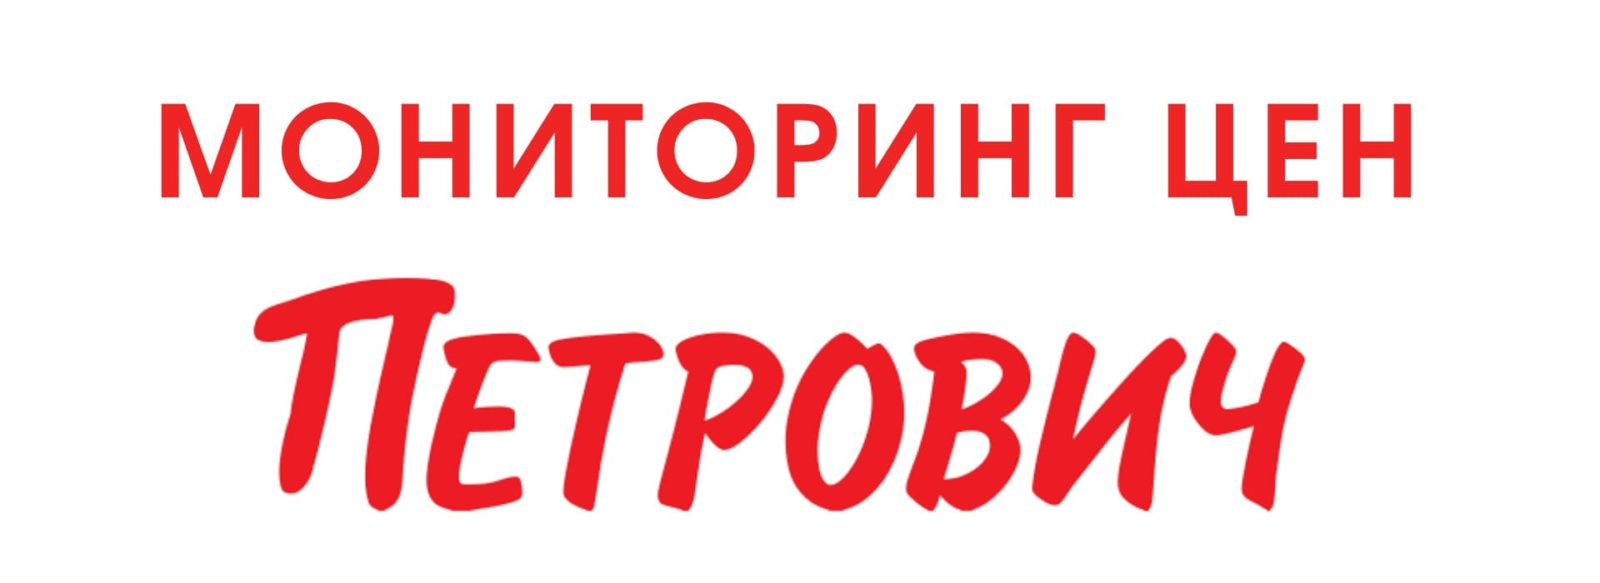 логотоп петрович